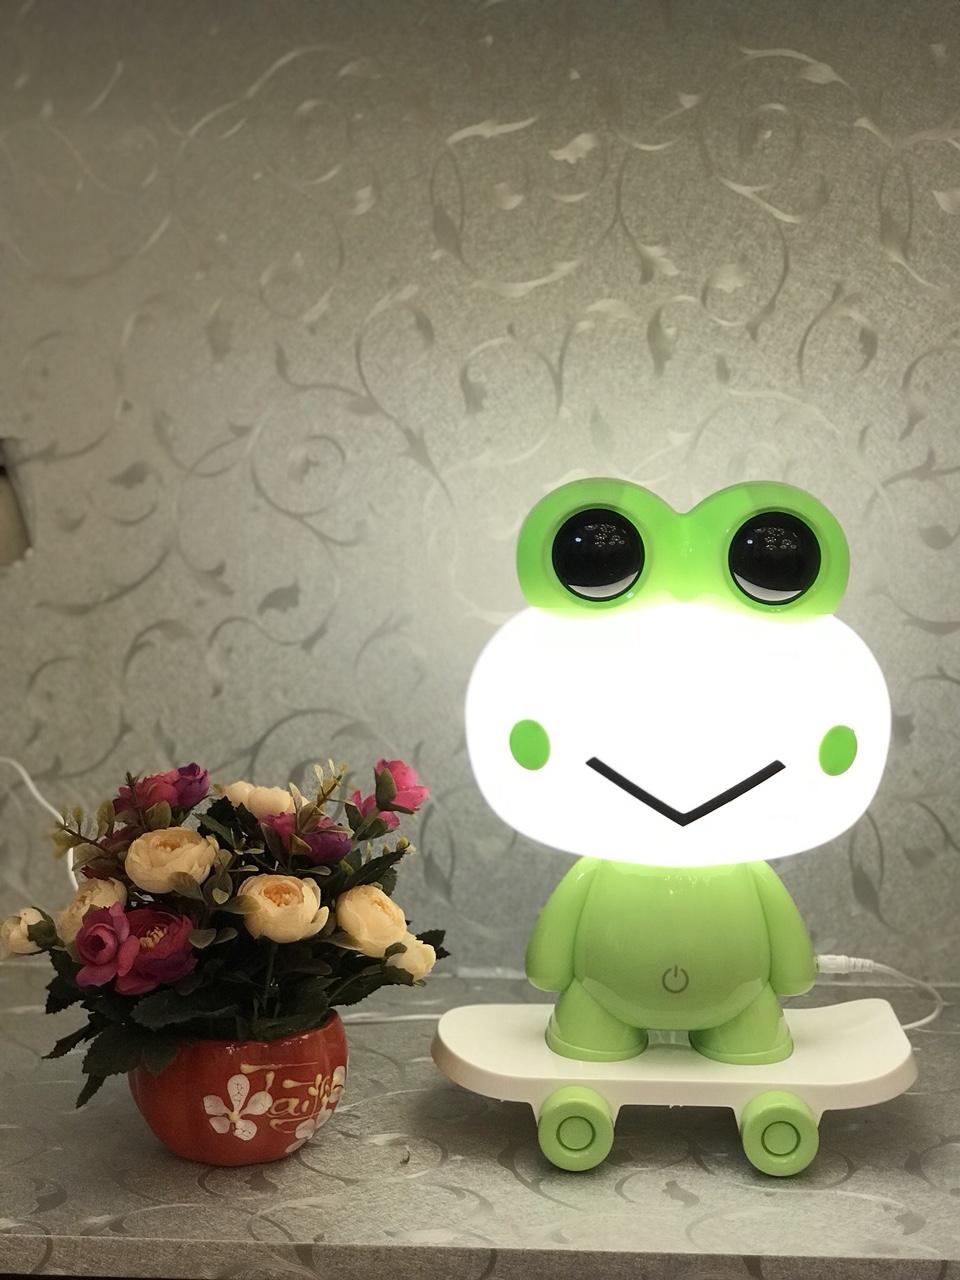 Đèn ngủ - đèn bàn cute dễ thương cho trẻ em - đèn ngủ hình ếch mini cho bé MB888